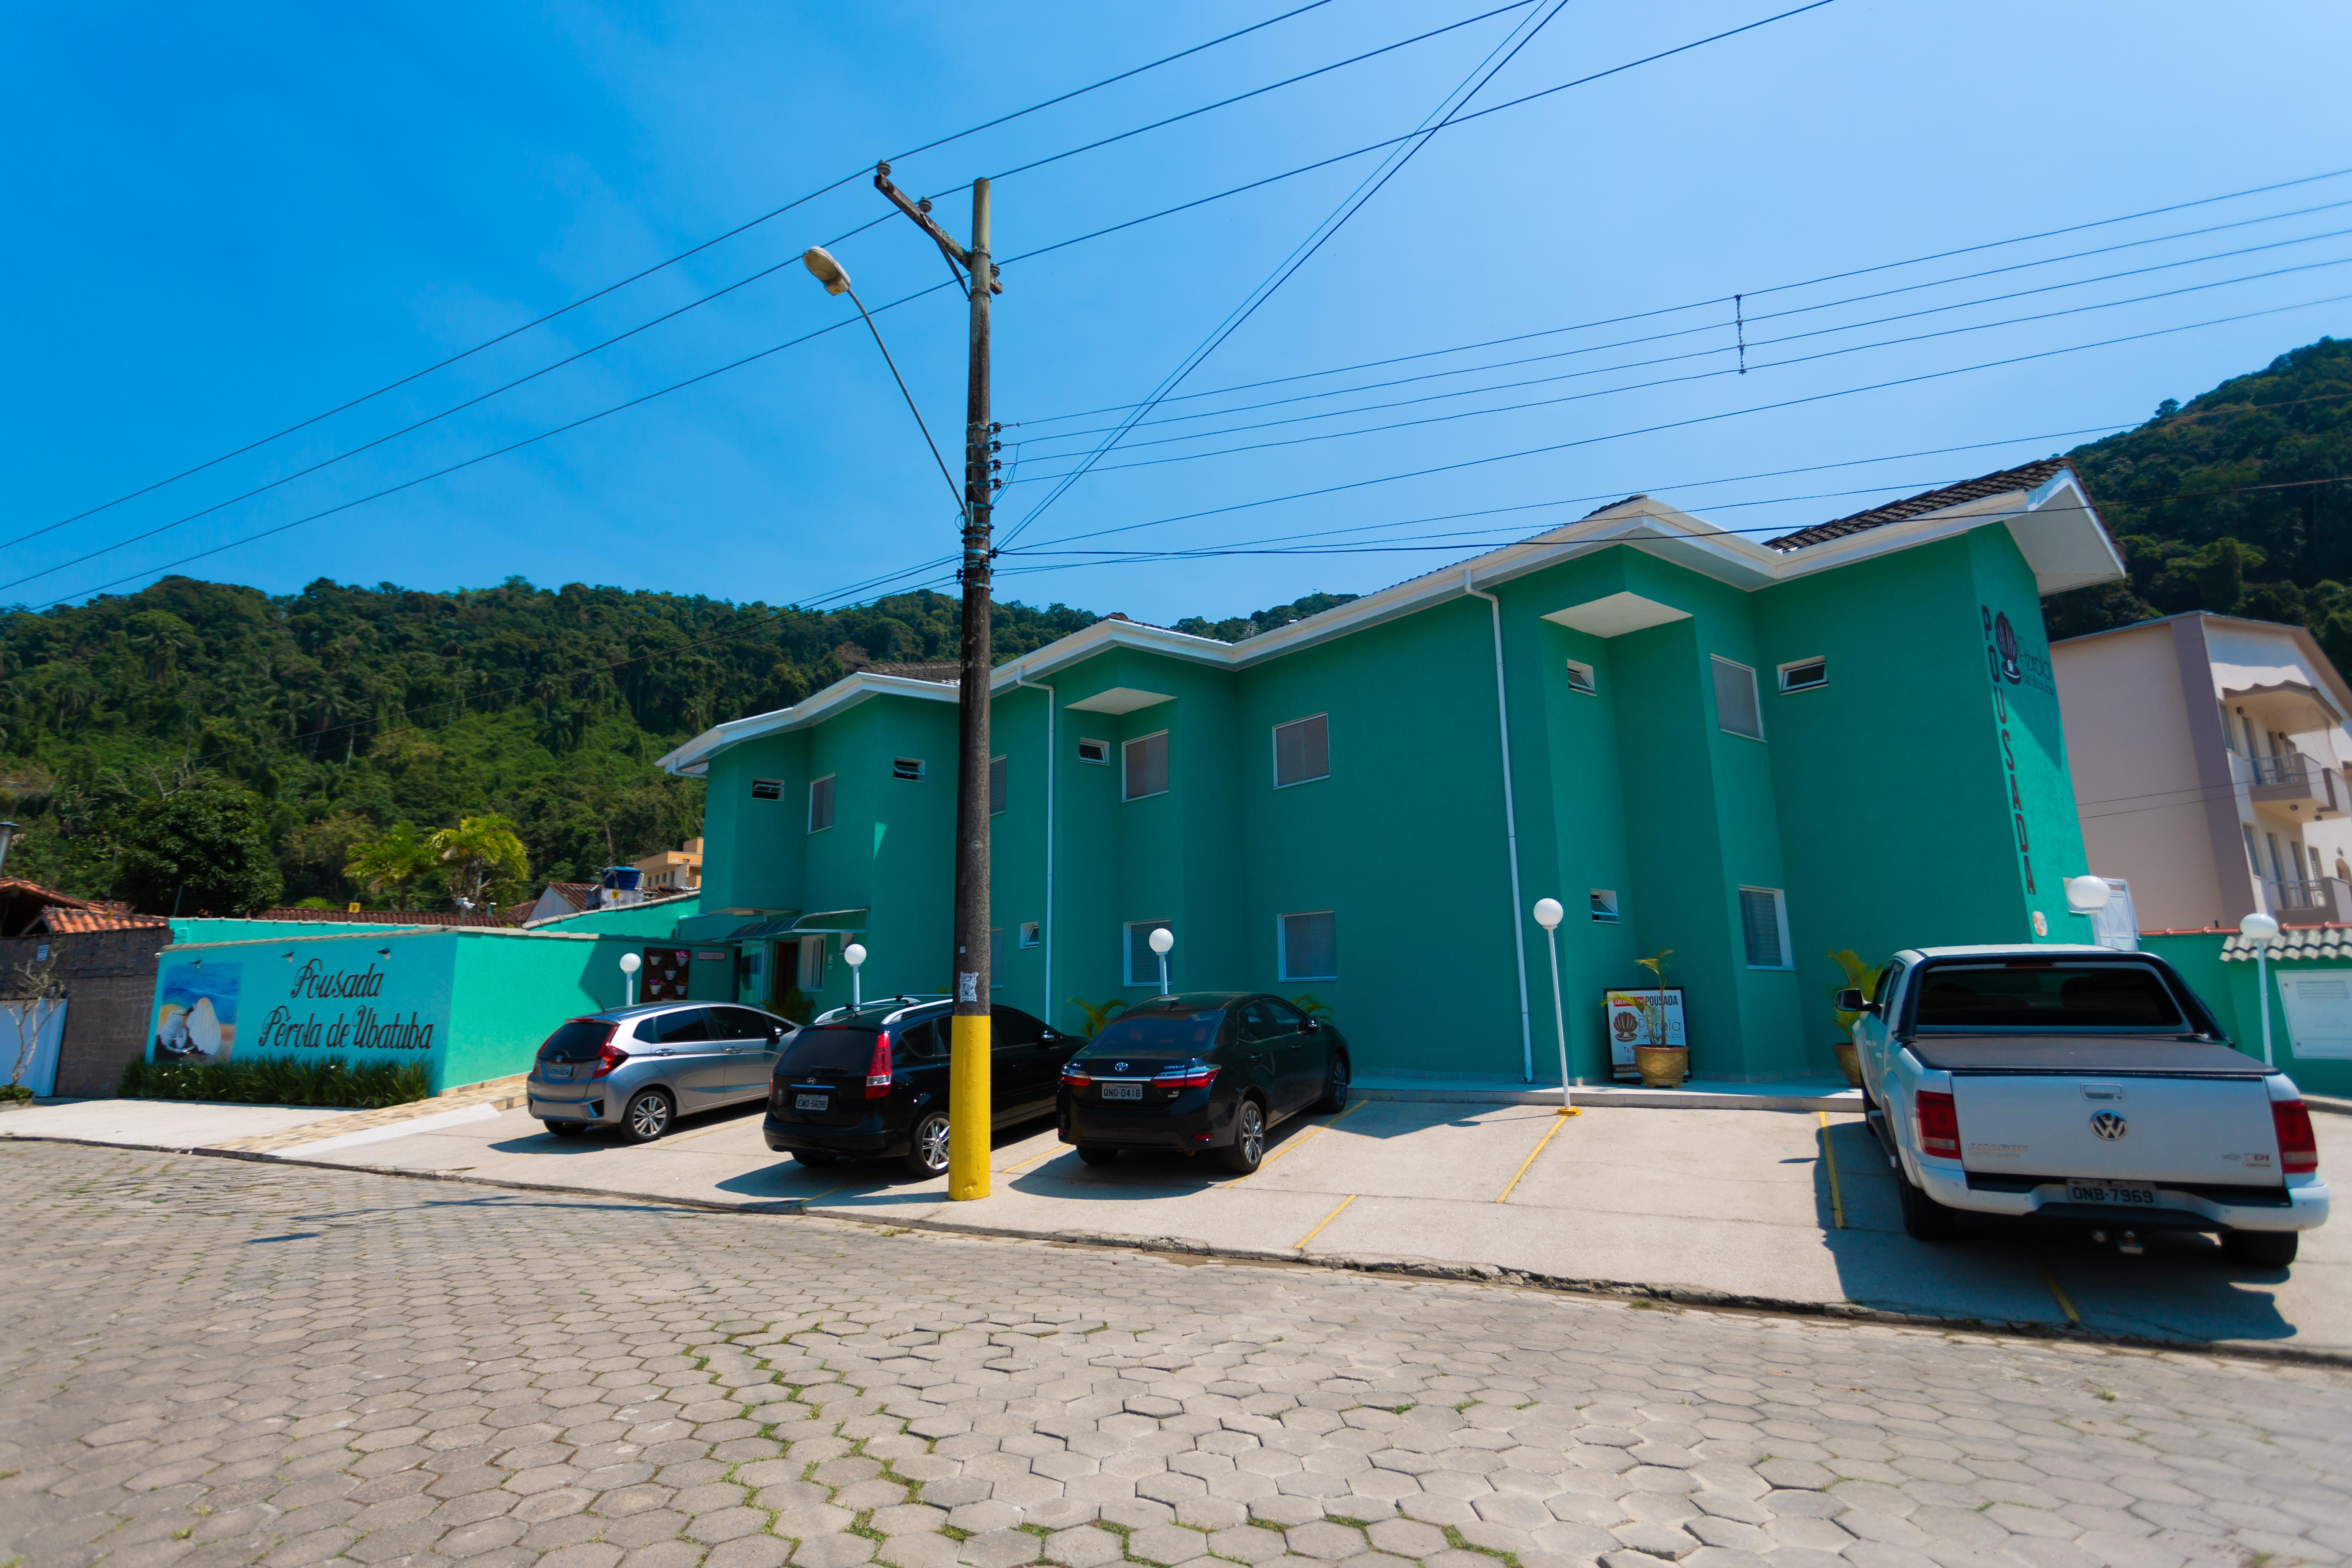 Nossa fachada e estacionamento.